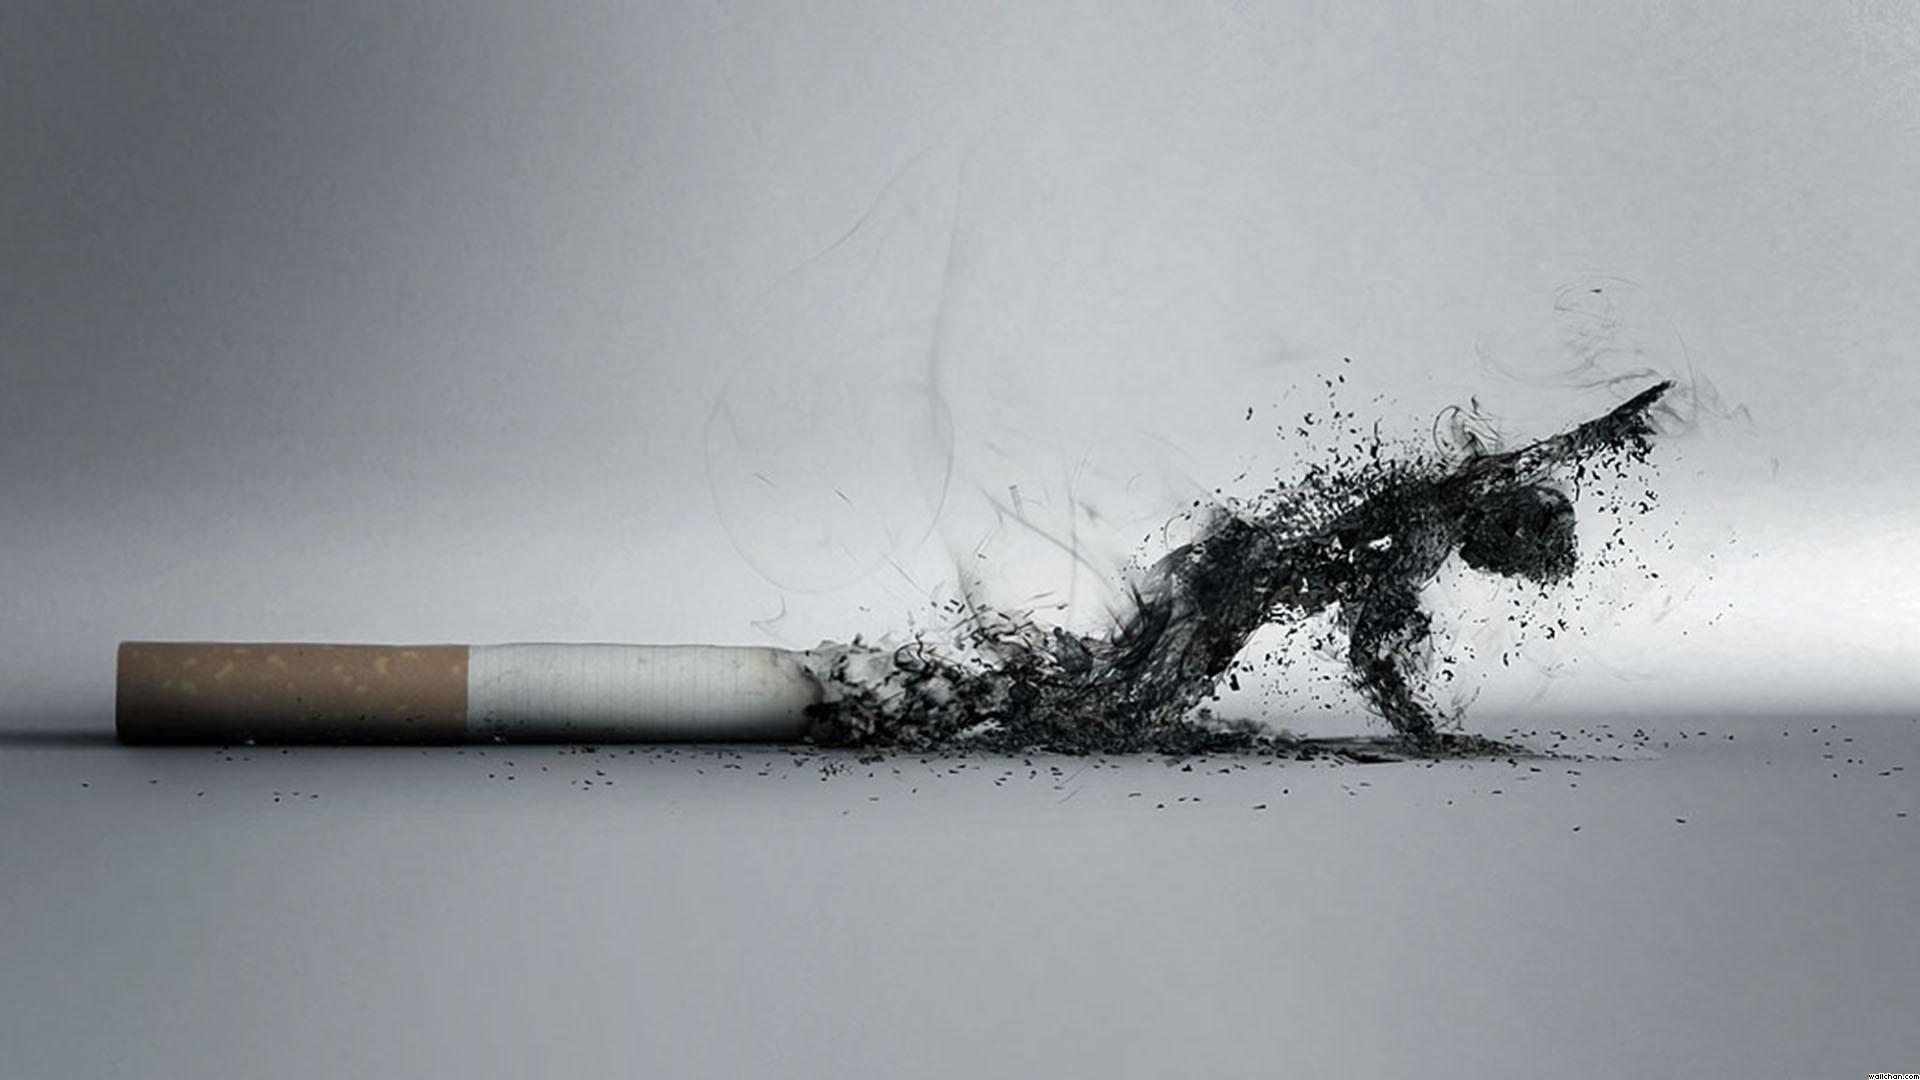 علل و عوامل اعتیاد به سیگار از دیدگاه روان شناسی- پایگاه دانستنی آنلاین